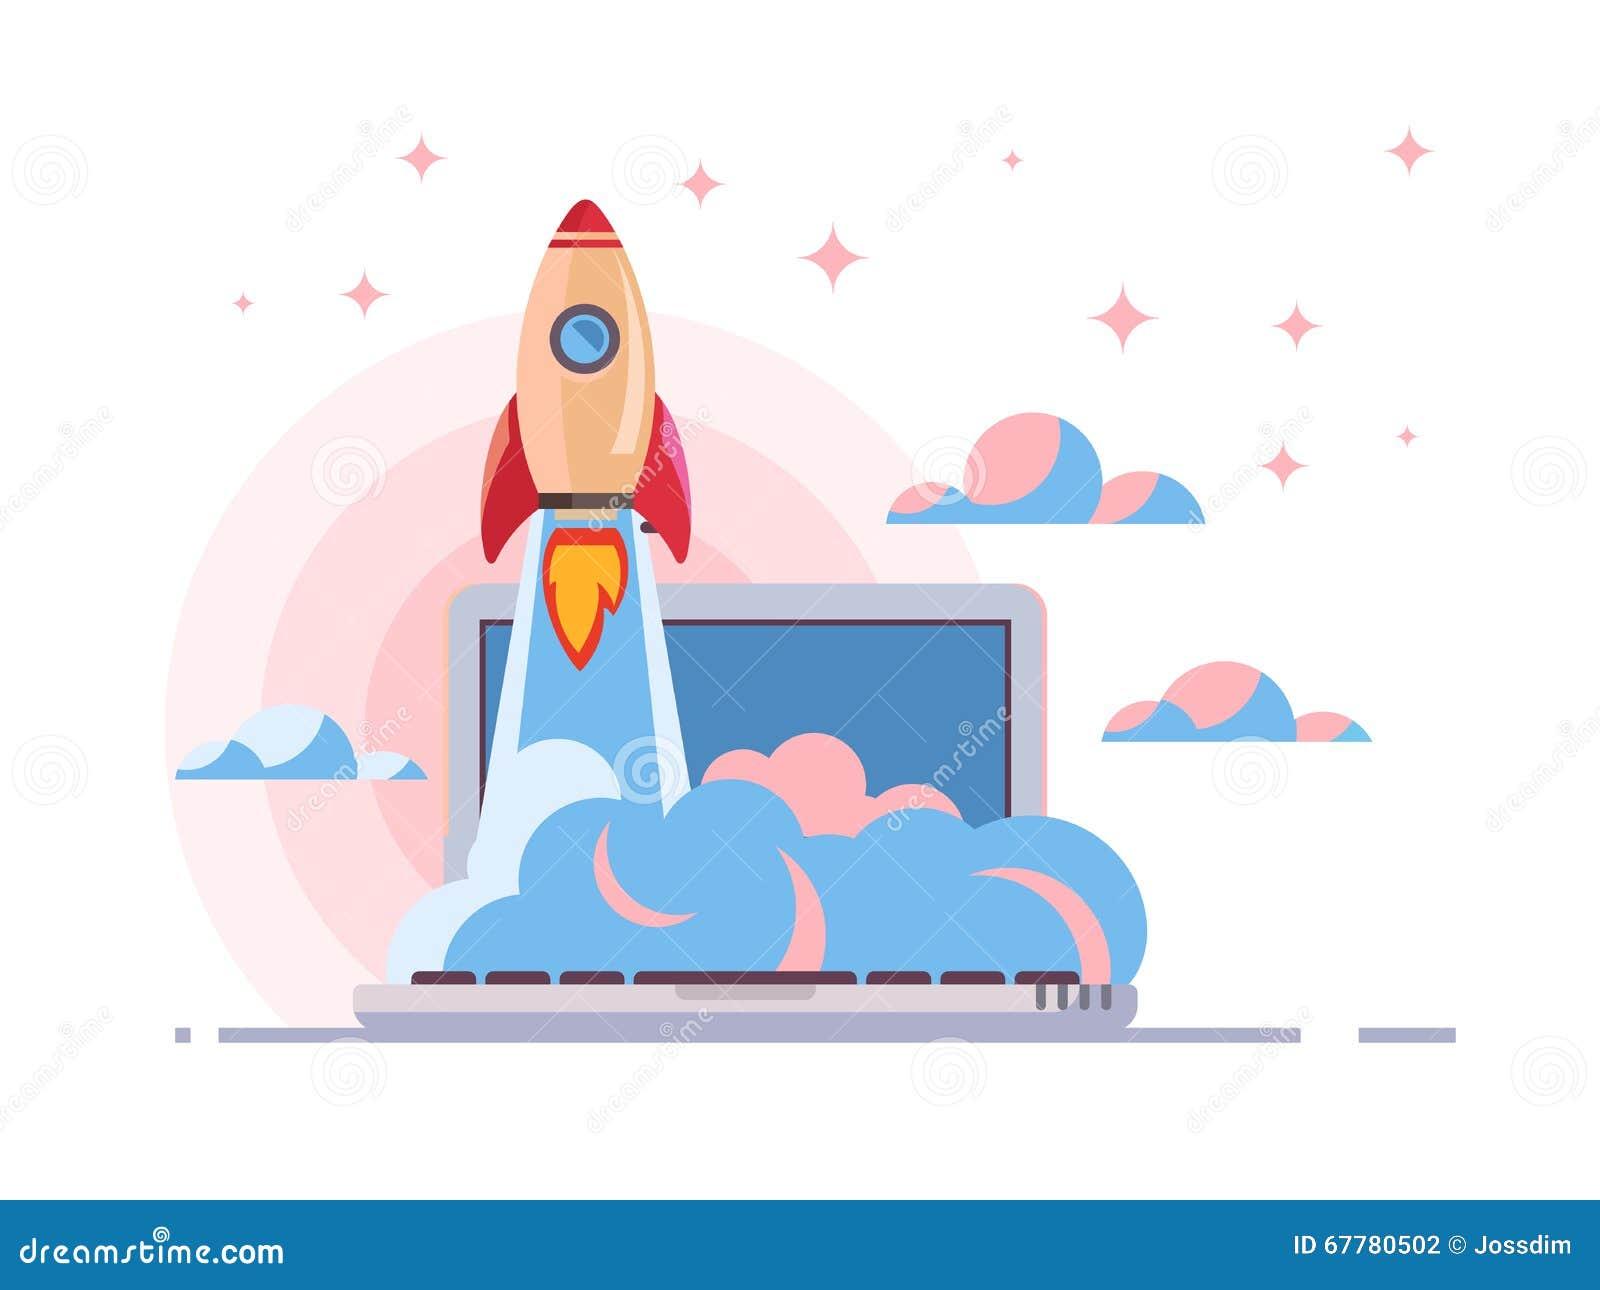 Web start up flat style